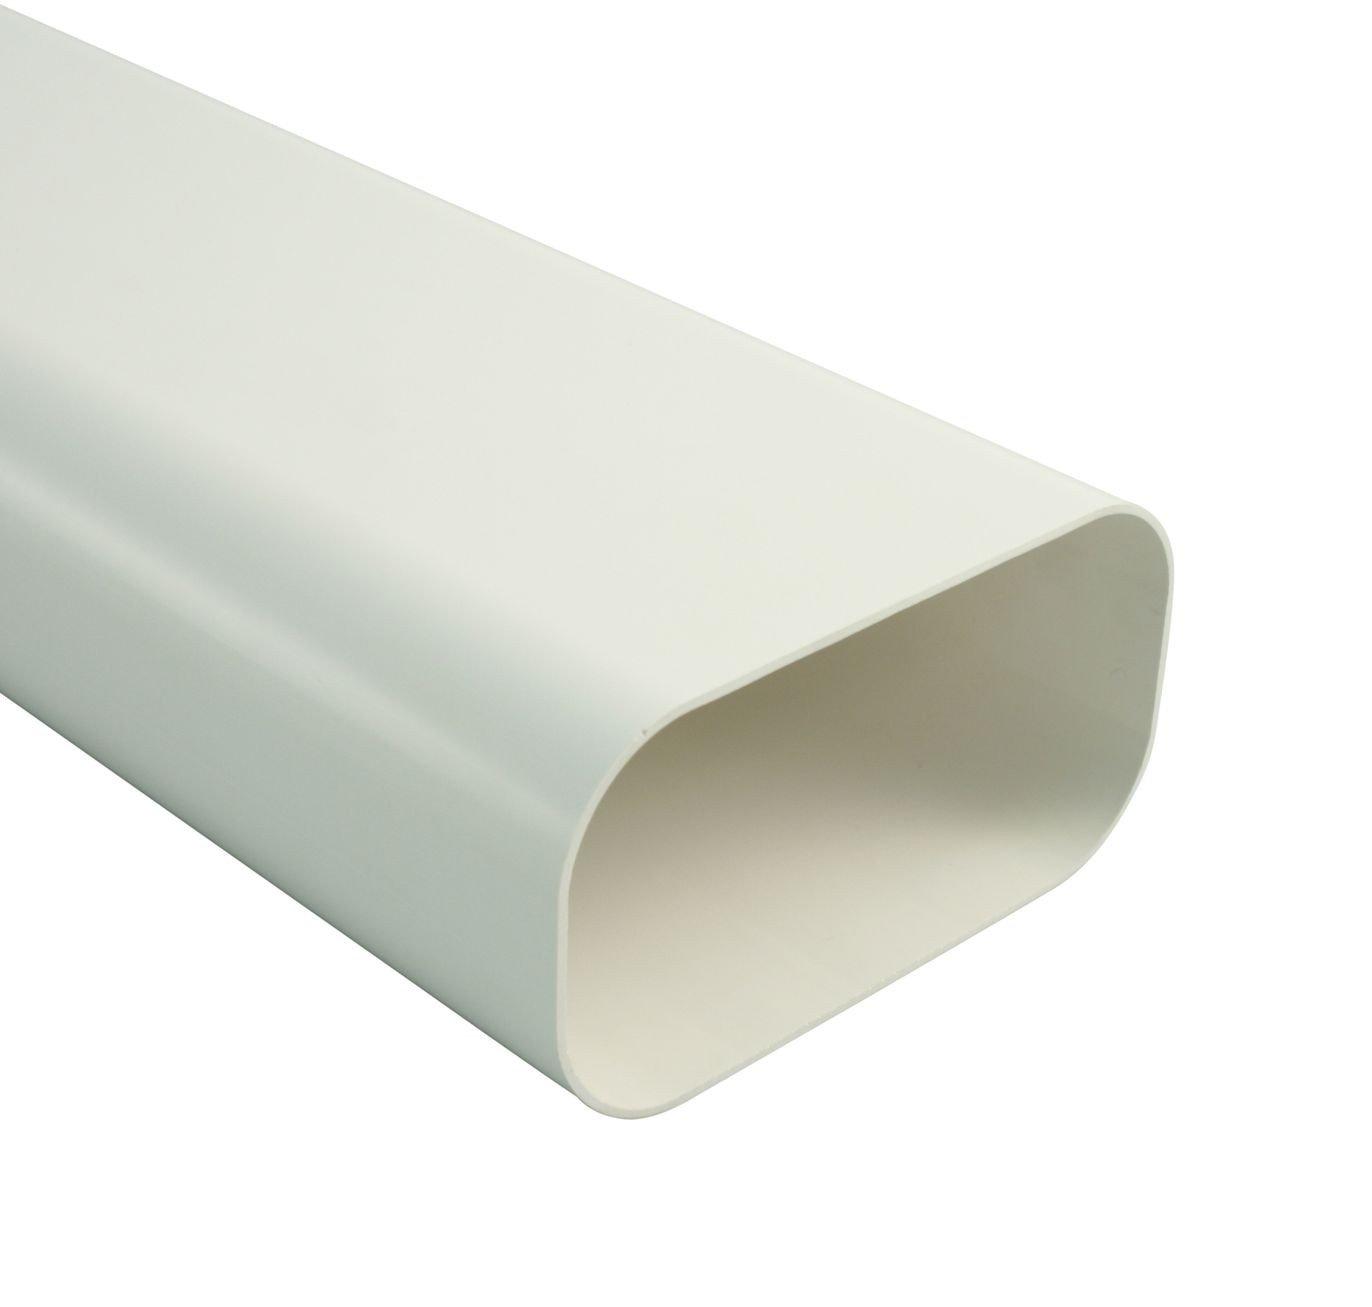 150 x 80 mm wei/ß Marley Flachkanal 1000 mm lang 060217